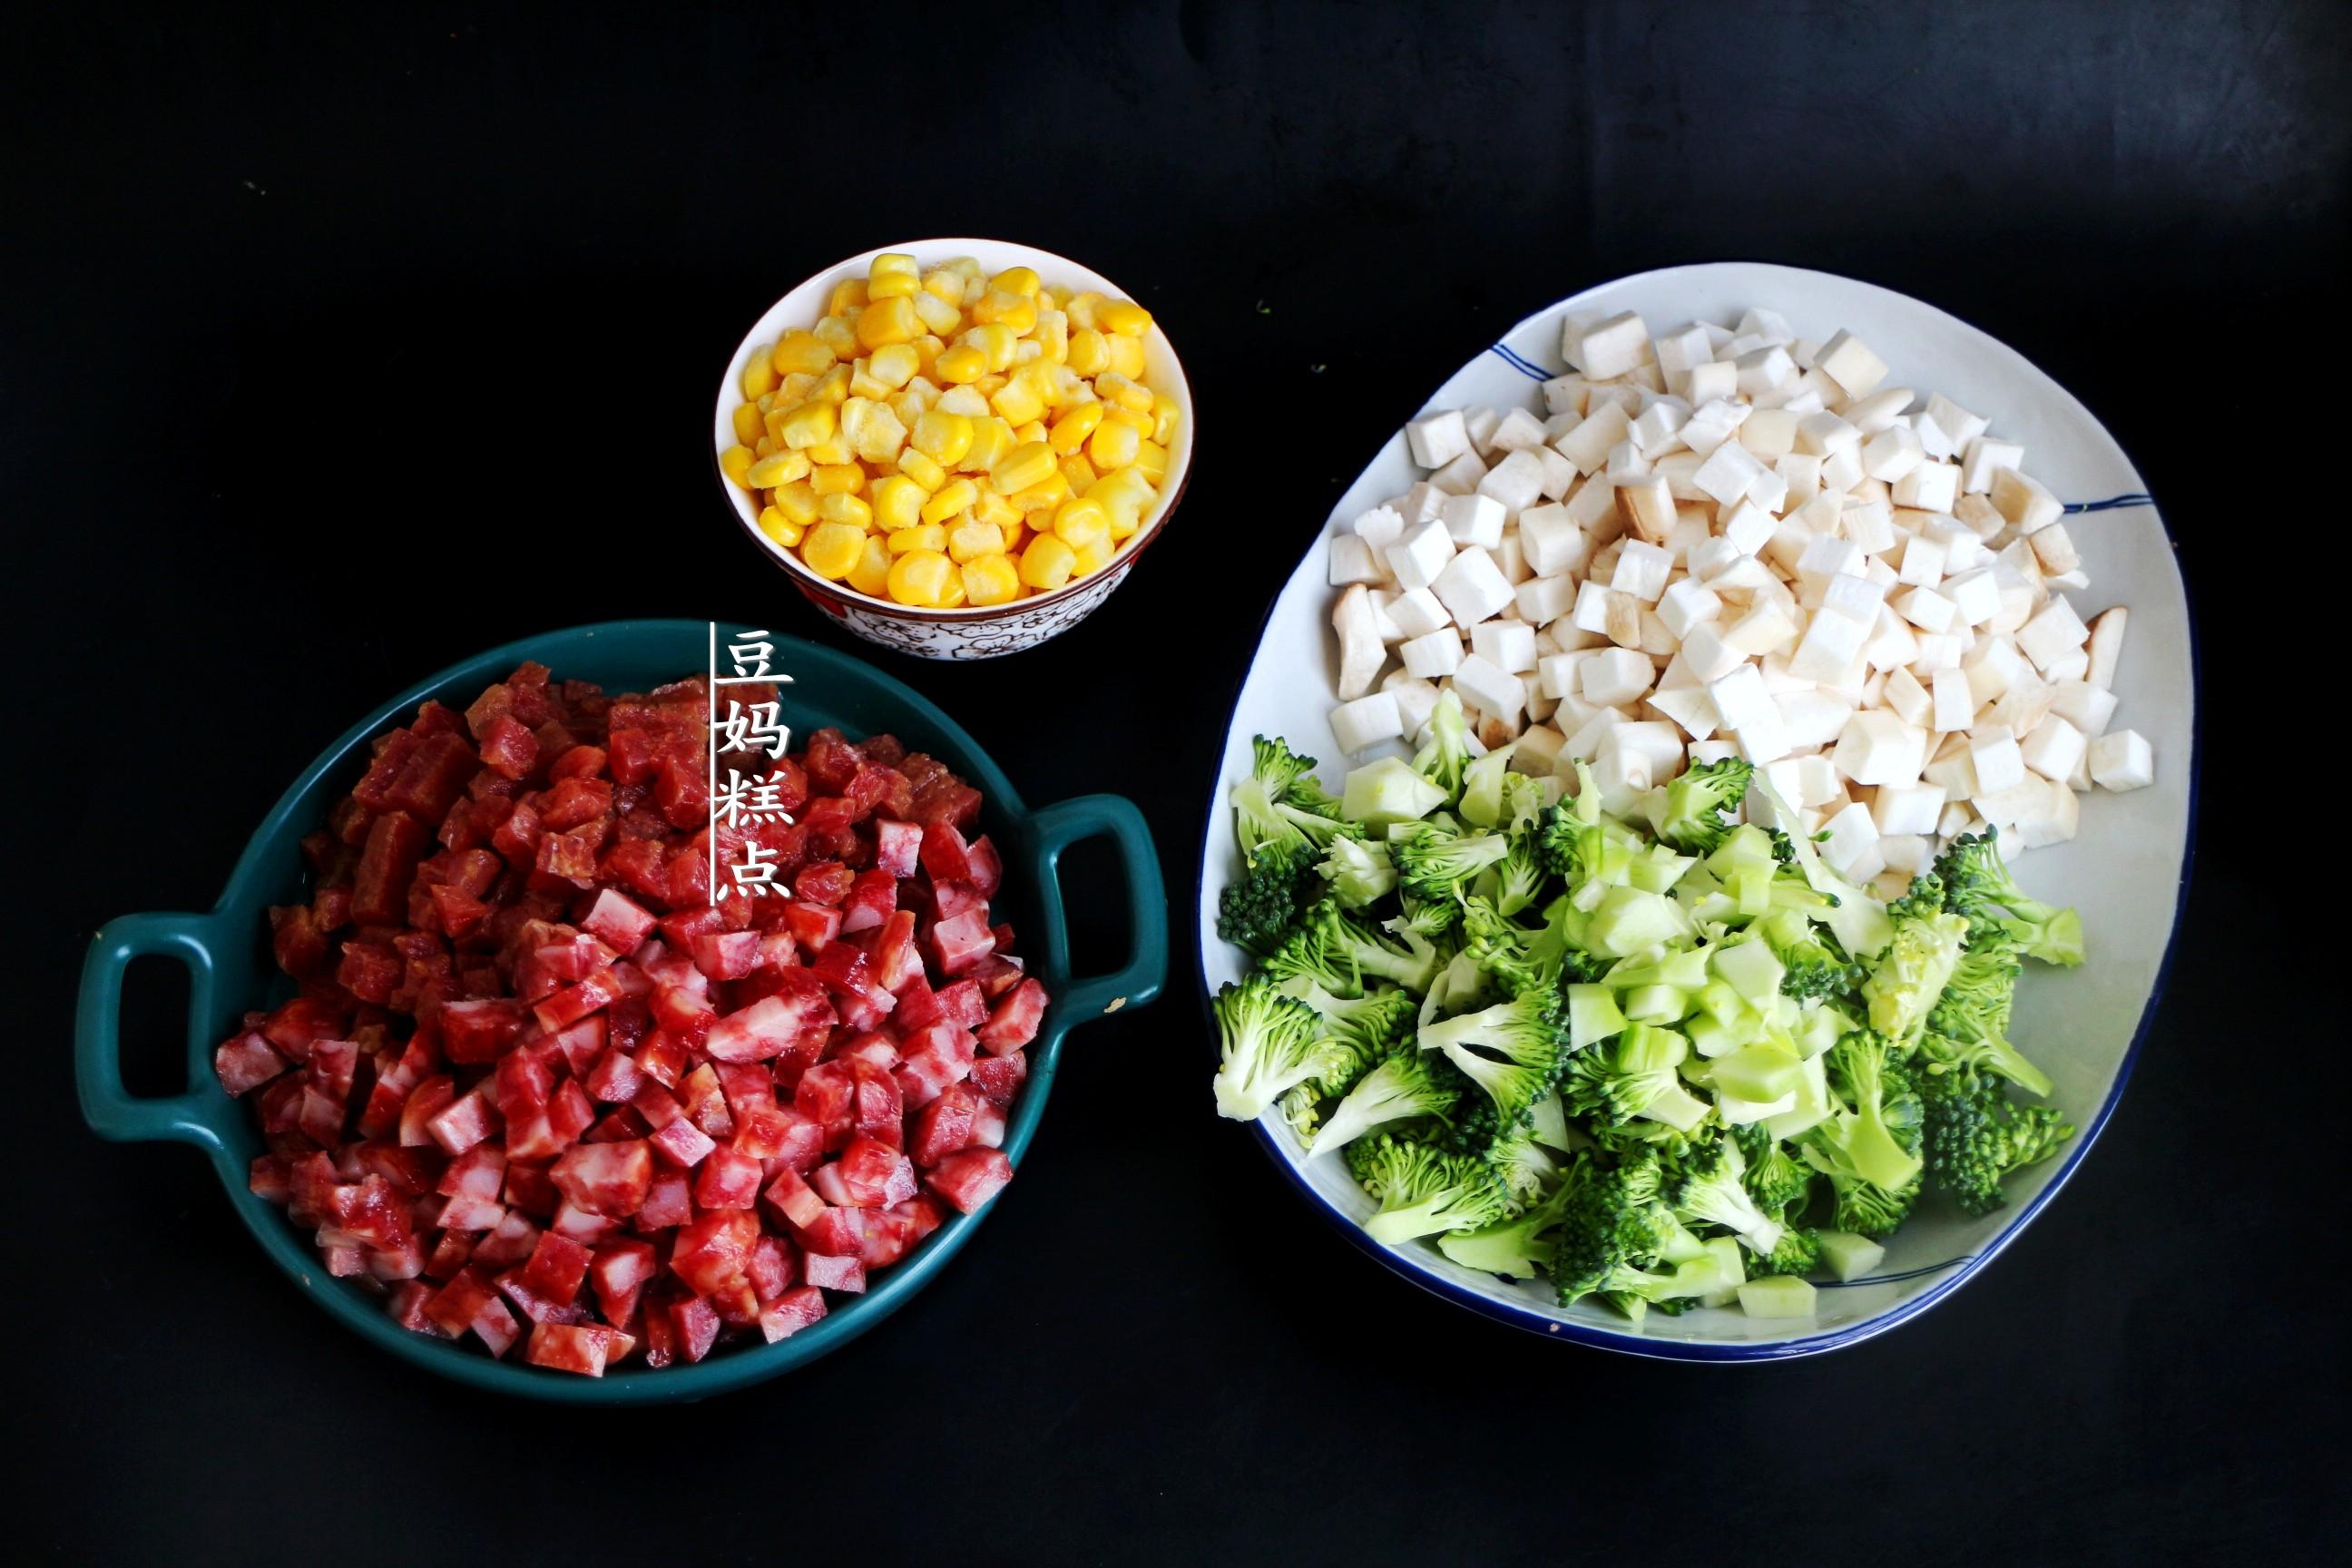 懶得做飯,就這樣燜一鍋好了,有菜有飯適合全家老小